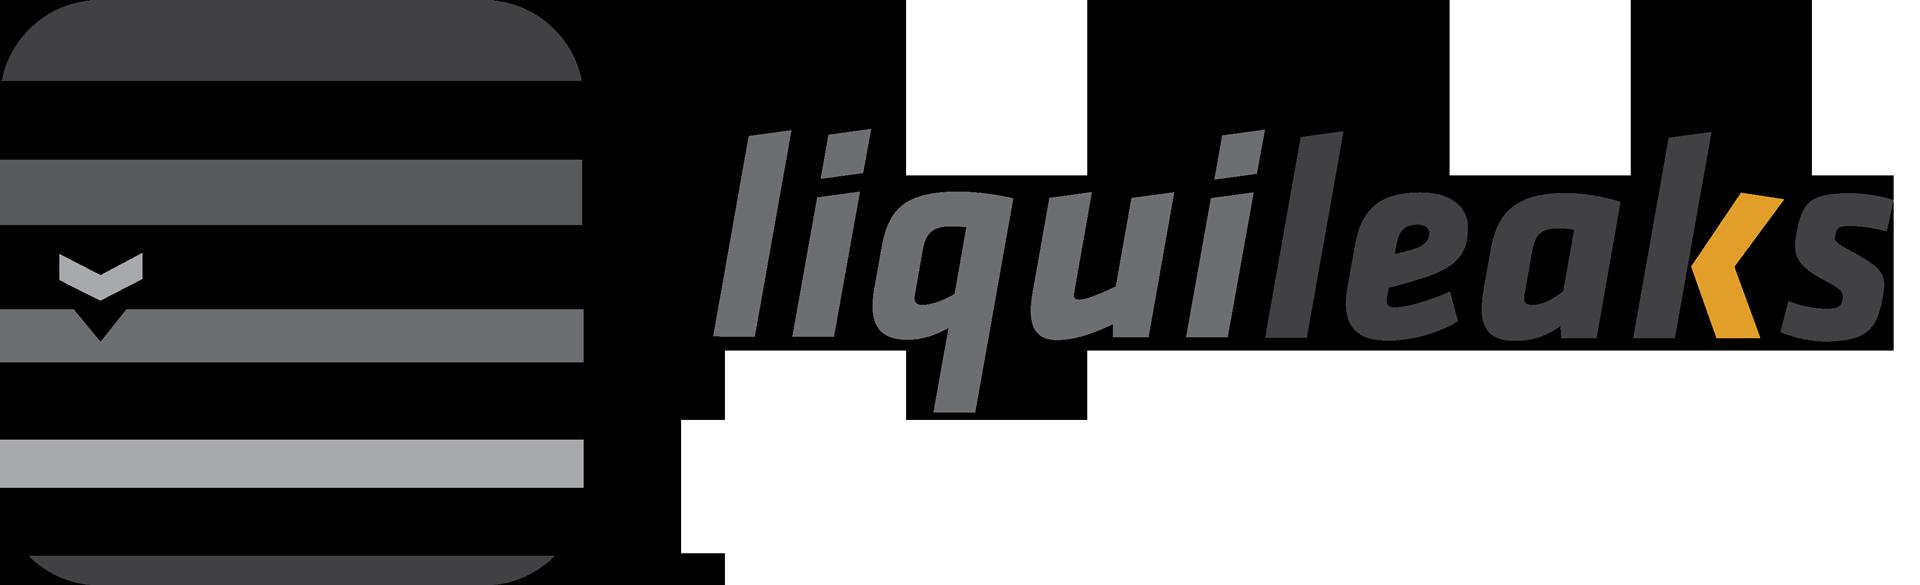 Liquileaks